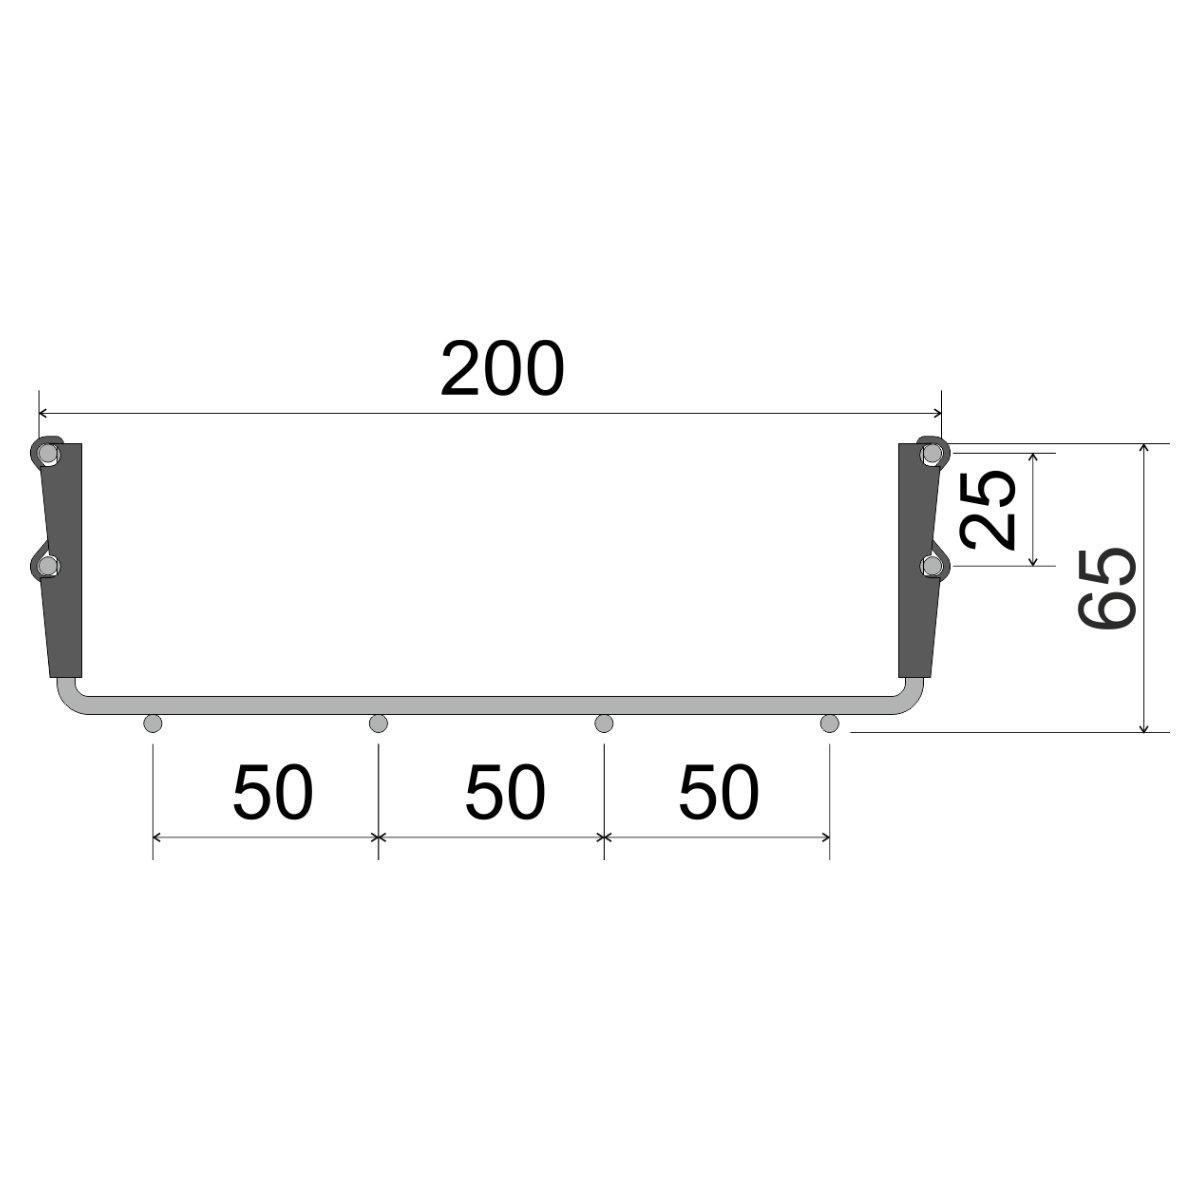 DZI 60X200_BZNCR Дротяний лоток з інтегрованим з'єднання єднанням